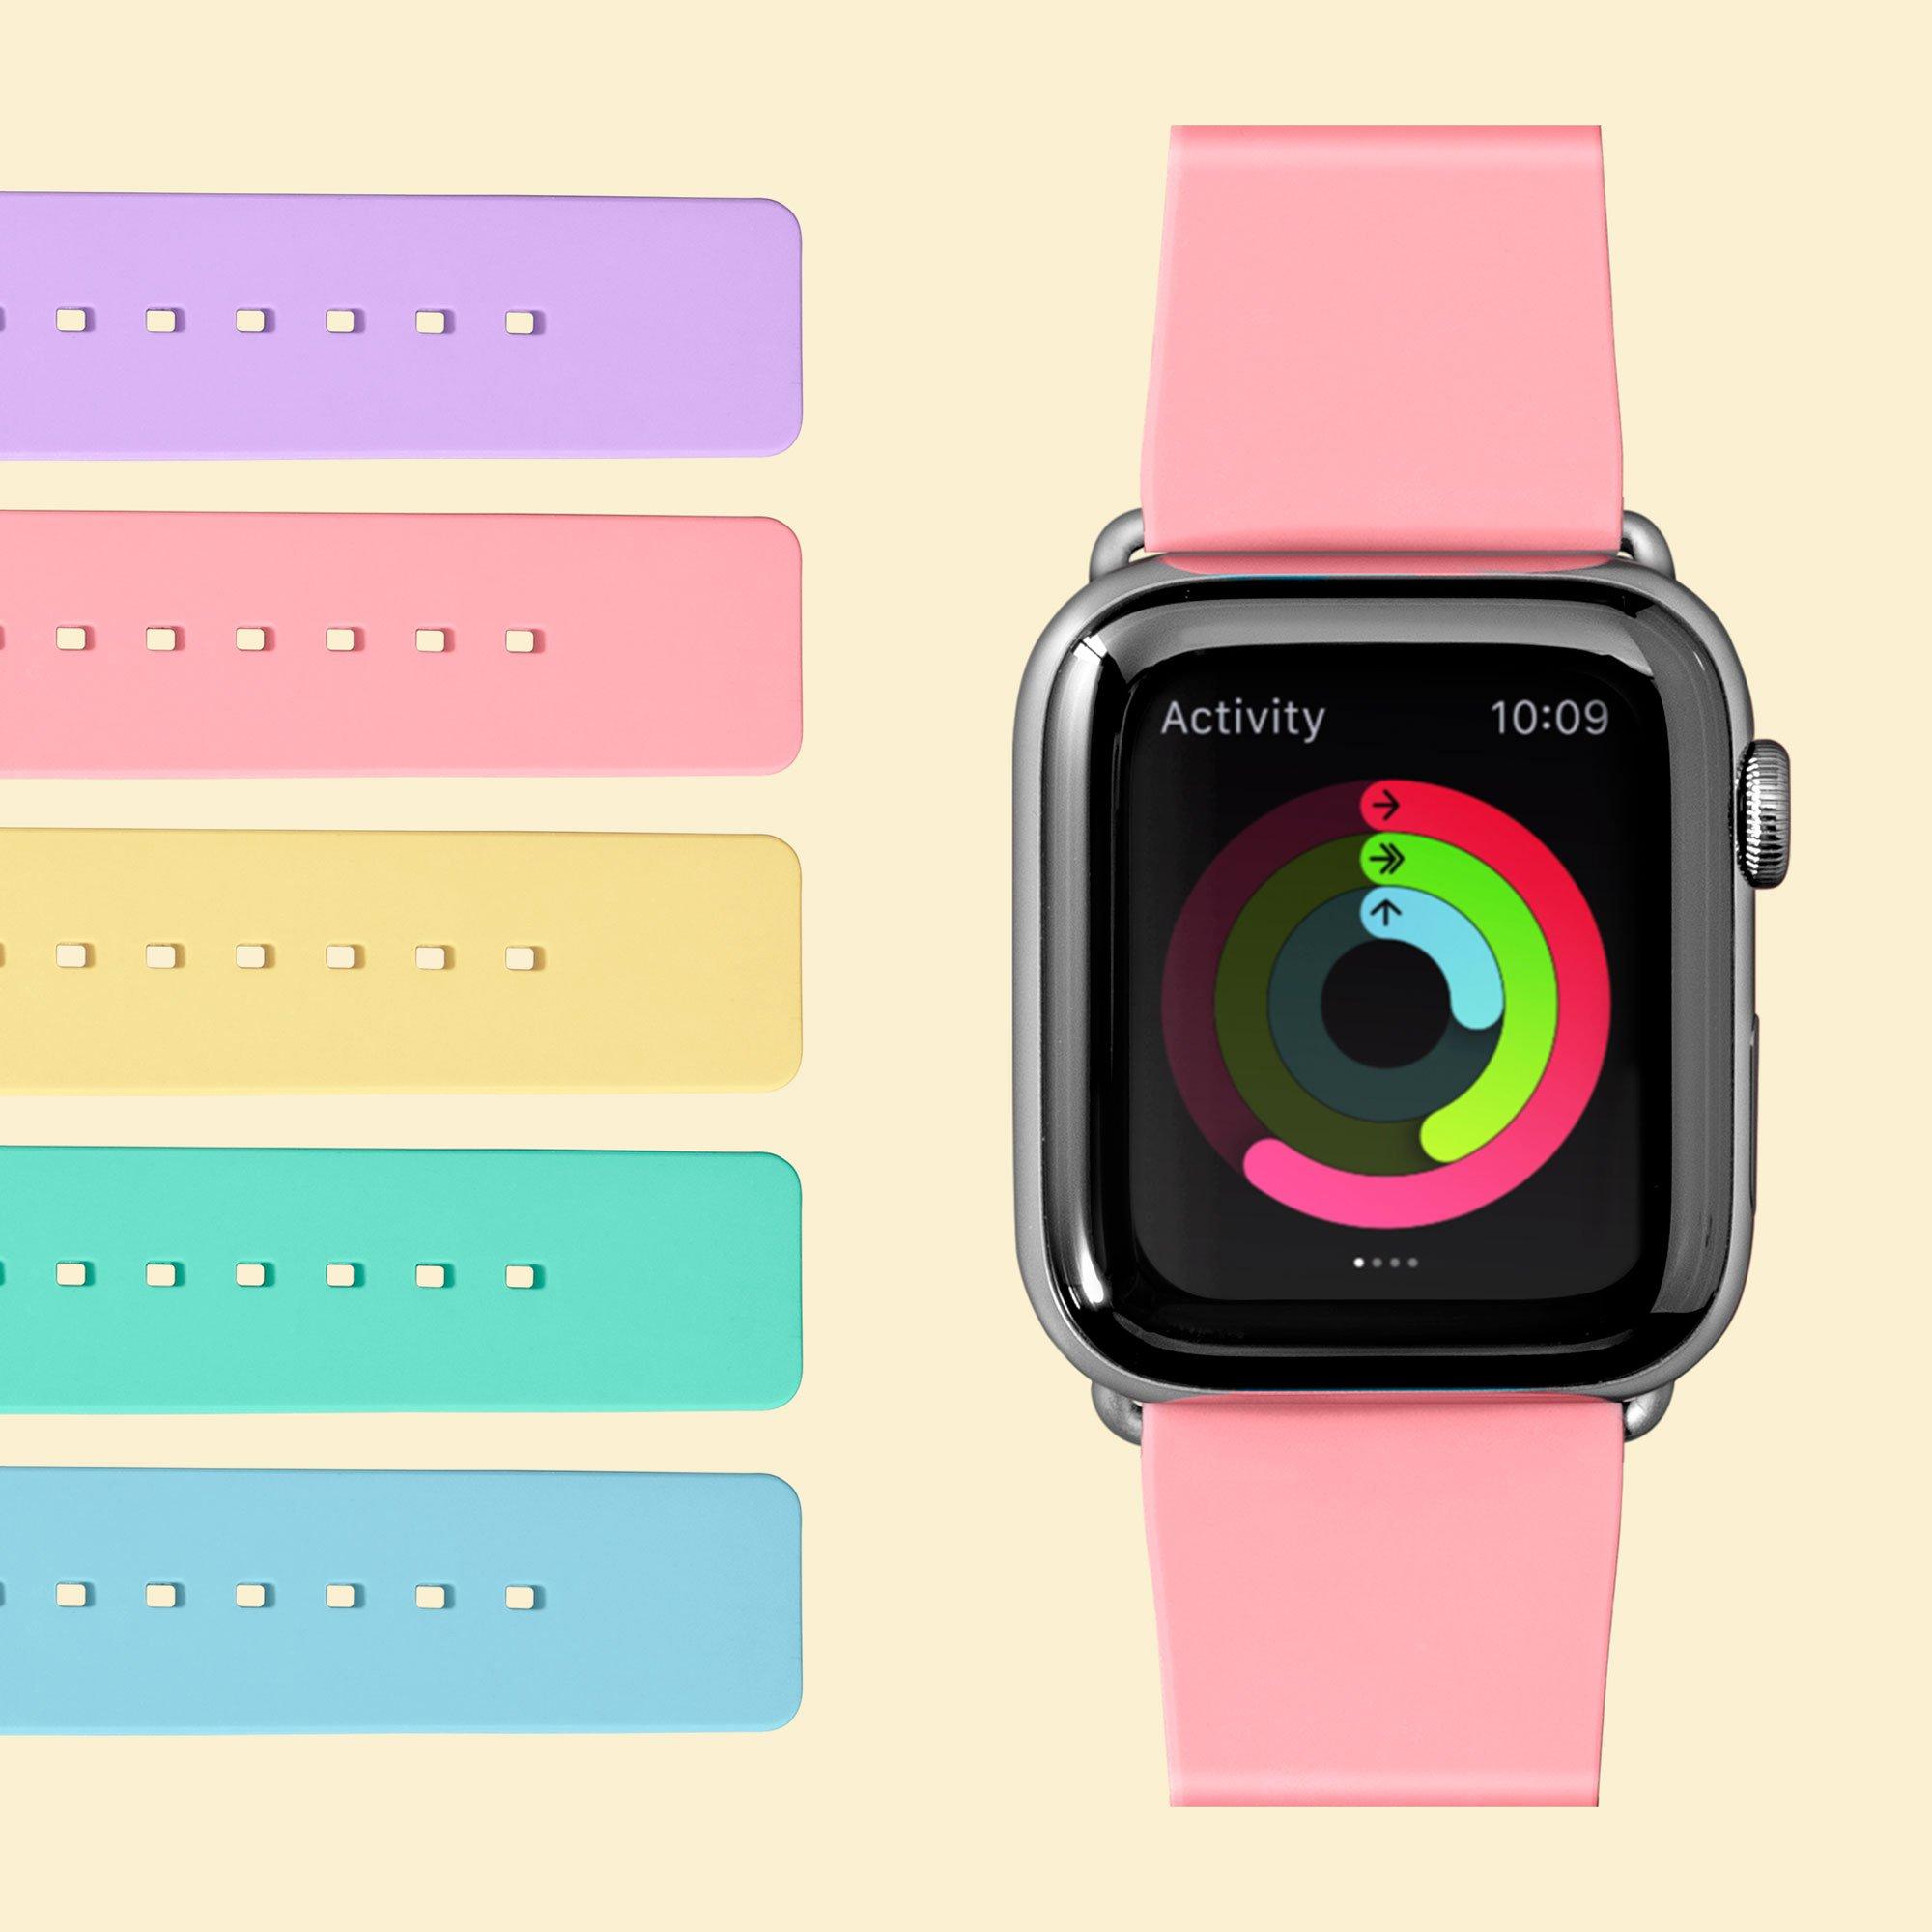 Dây Đeo Dành Cho Apple Watch Series 1/2/3/4/5/6/SE LAUT Huex Pastels - Hàng Chính Hãng